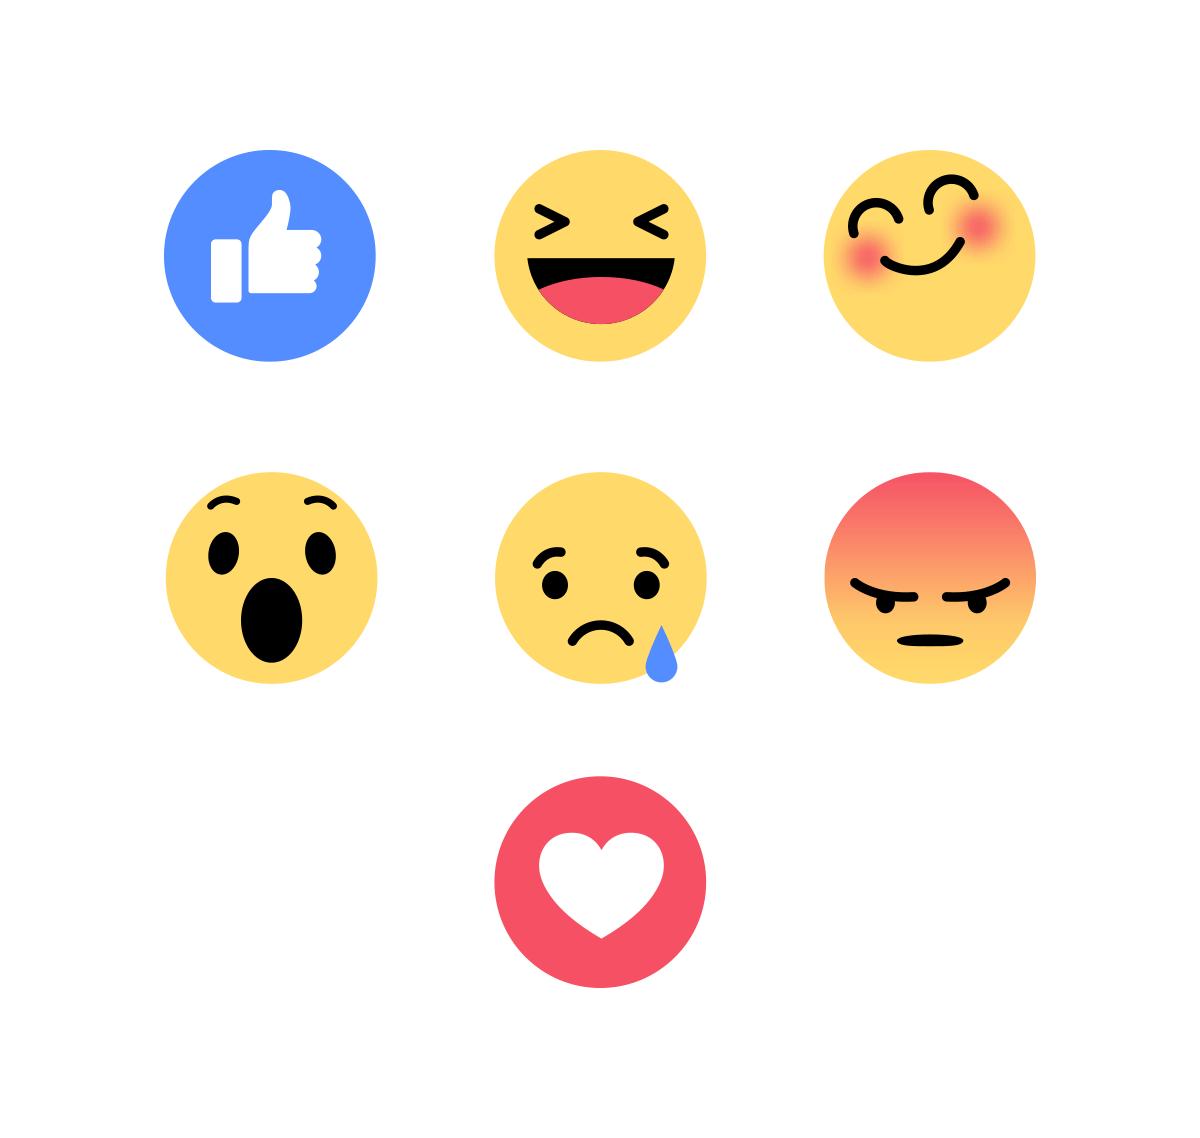 Waving Hand Emoji Free Download Ios Emojis Hand Emoji Emoji Emoji Signs